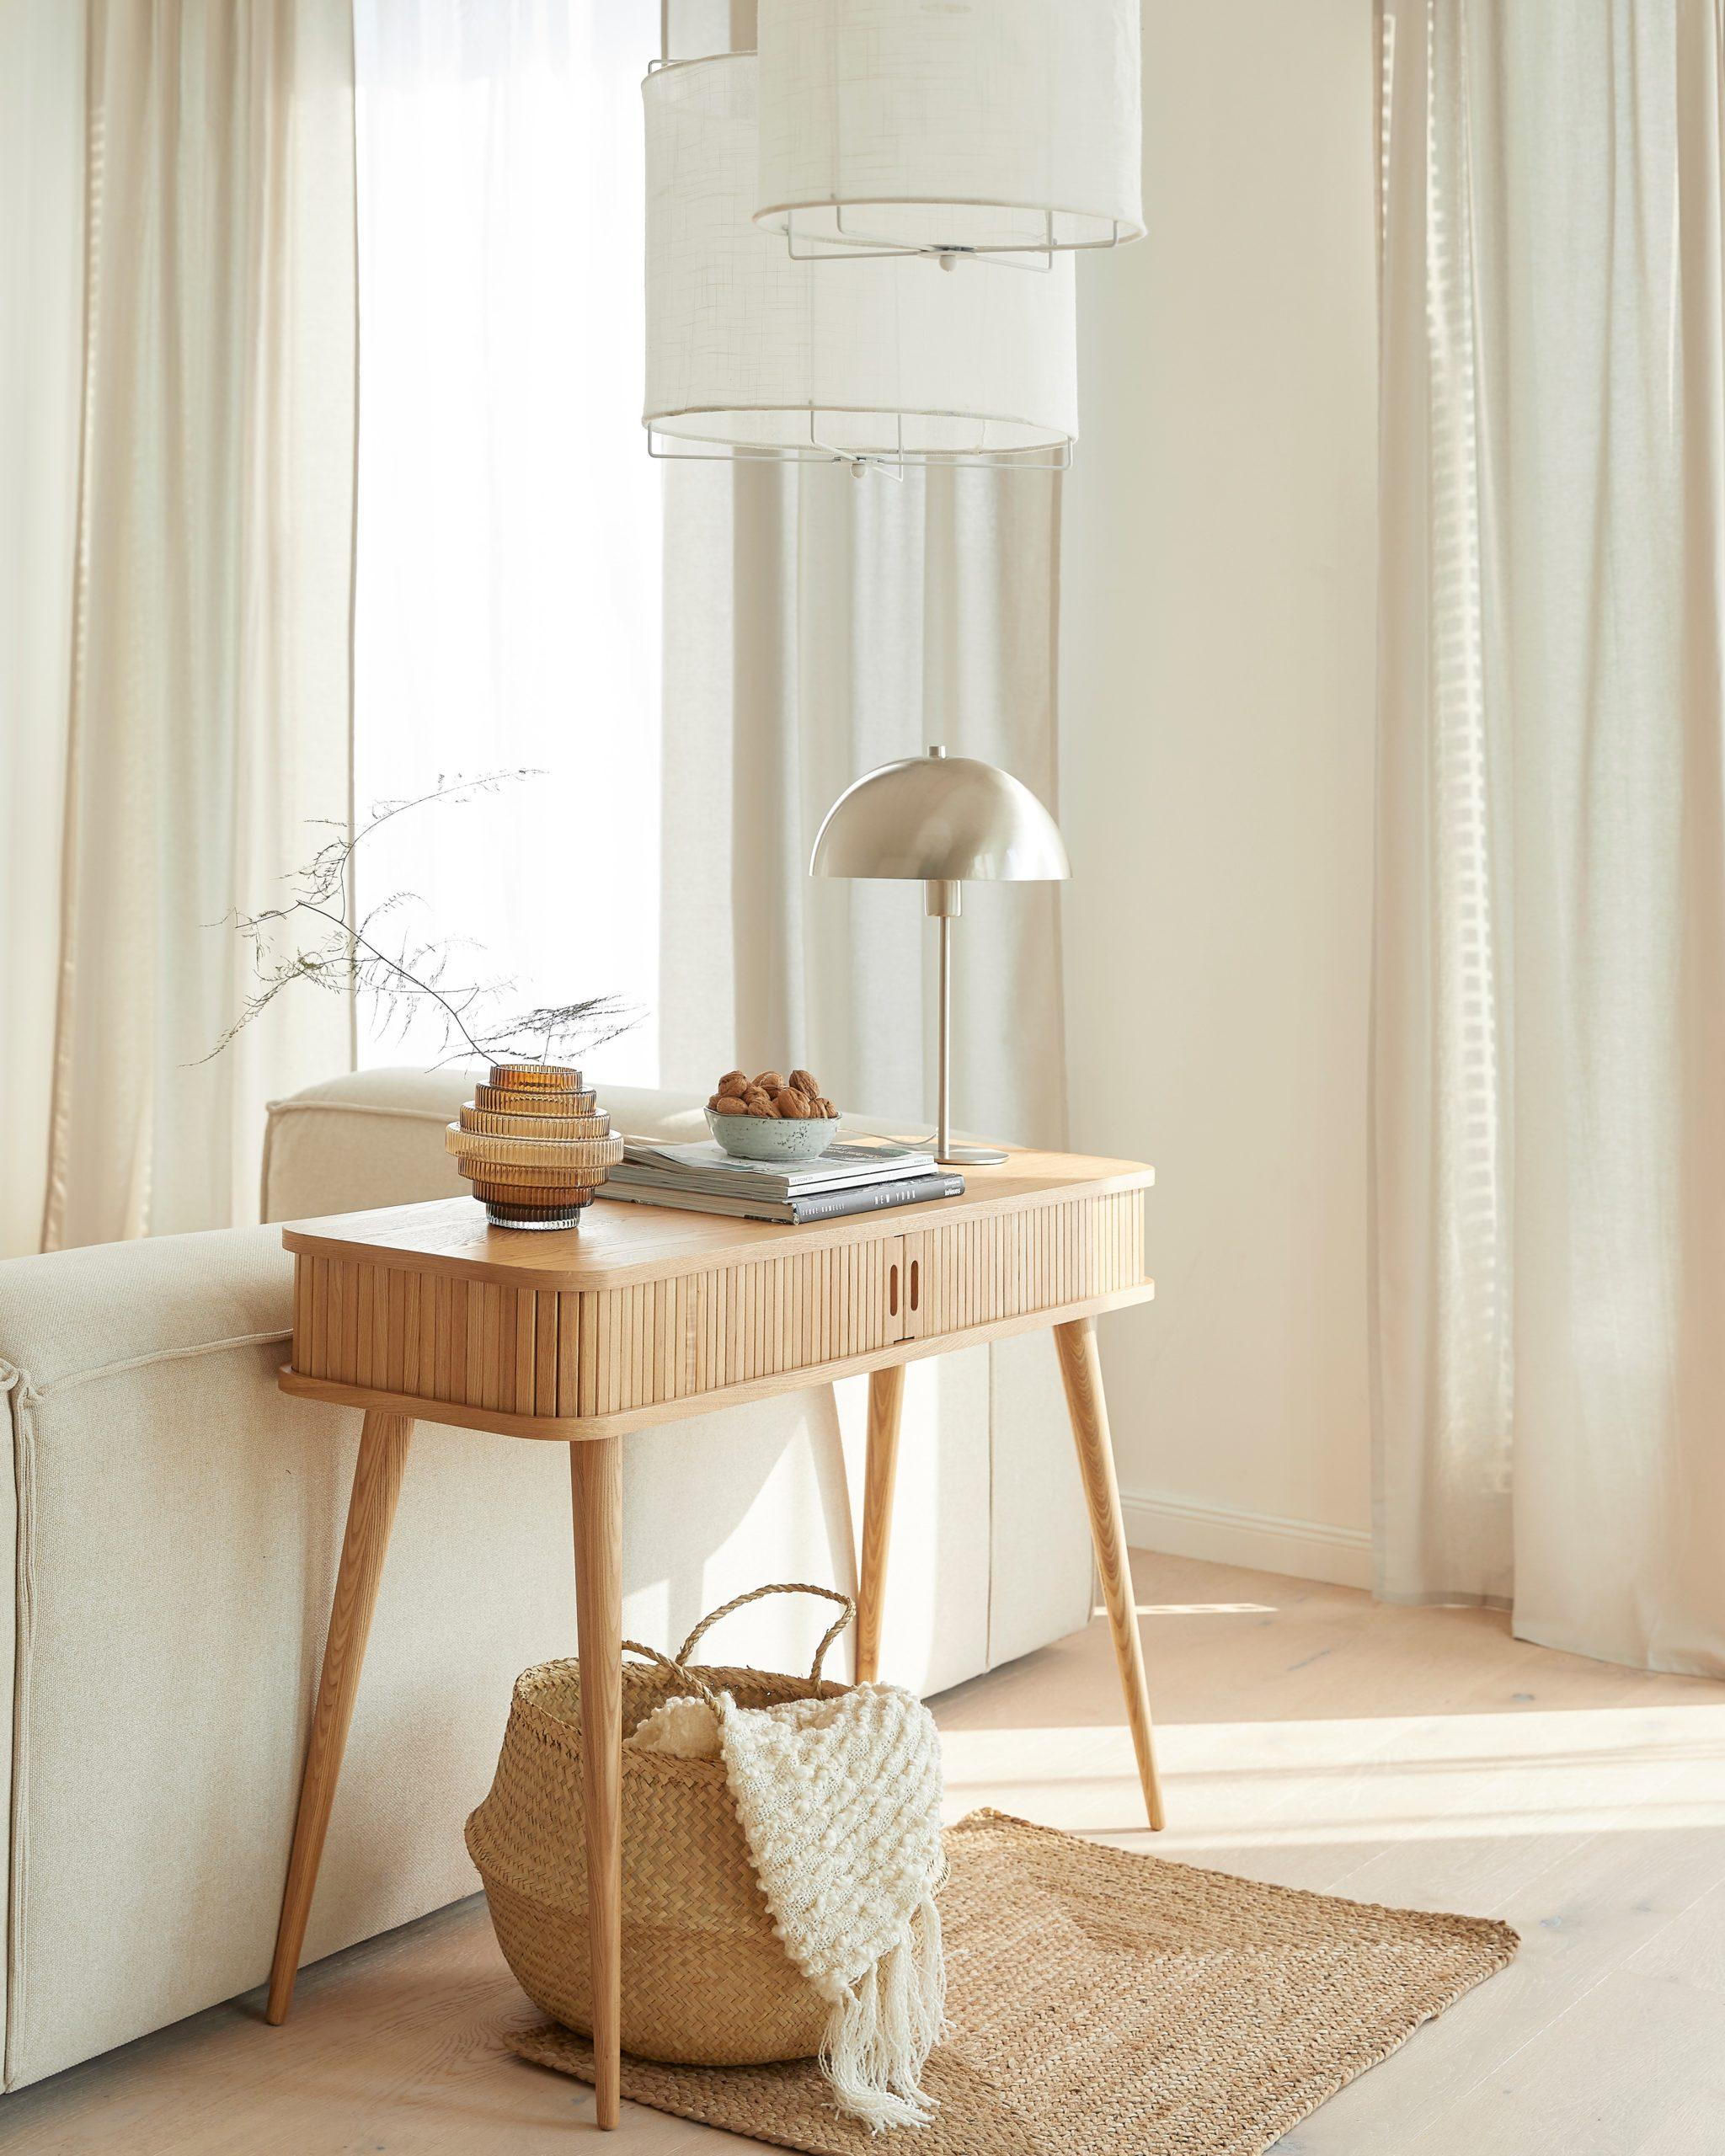 woonkamer met witte lennon sofa en ronde witte hanglamp